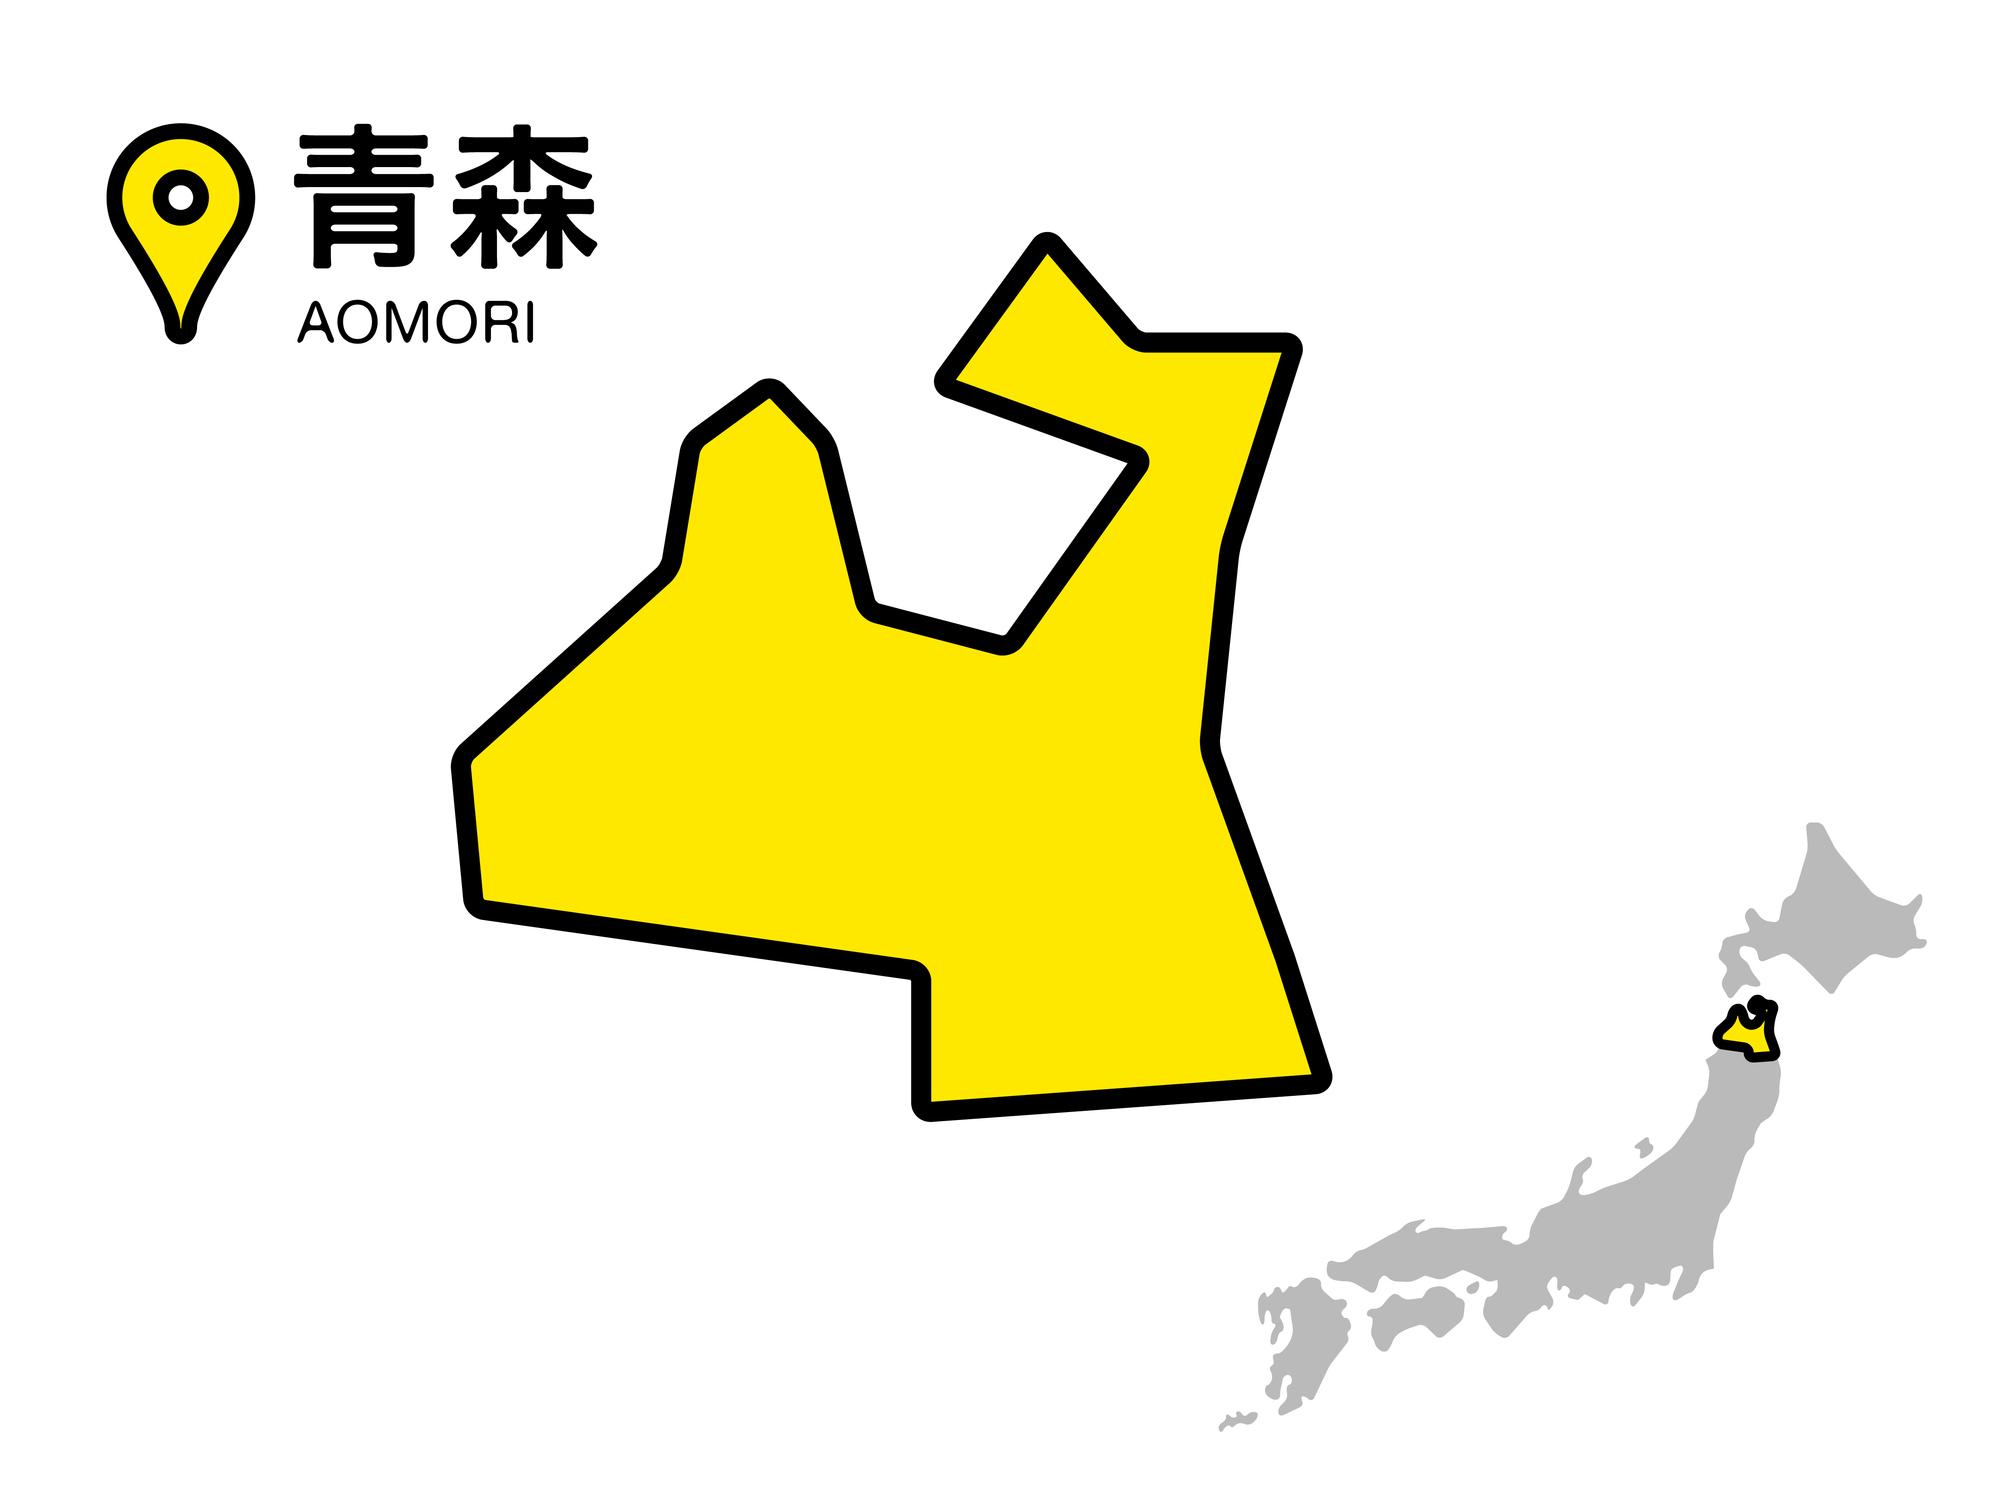 青森県の骨葬と葬儀の特徴、津軽地方とむつ市など南部地方に見られるしきたり